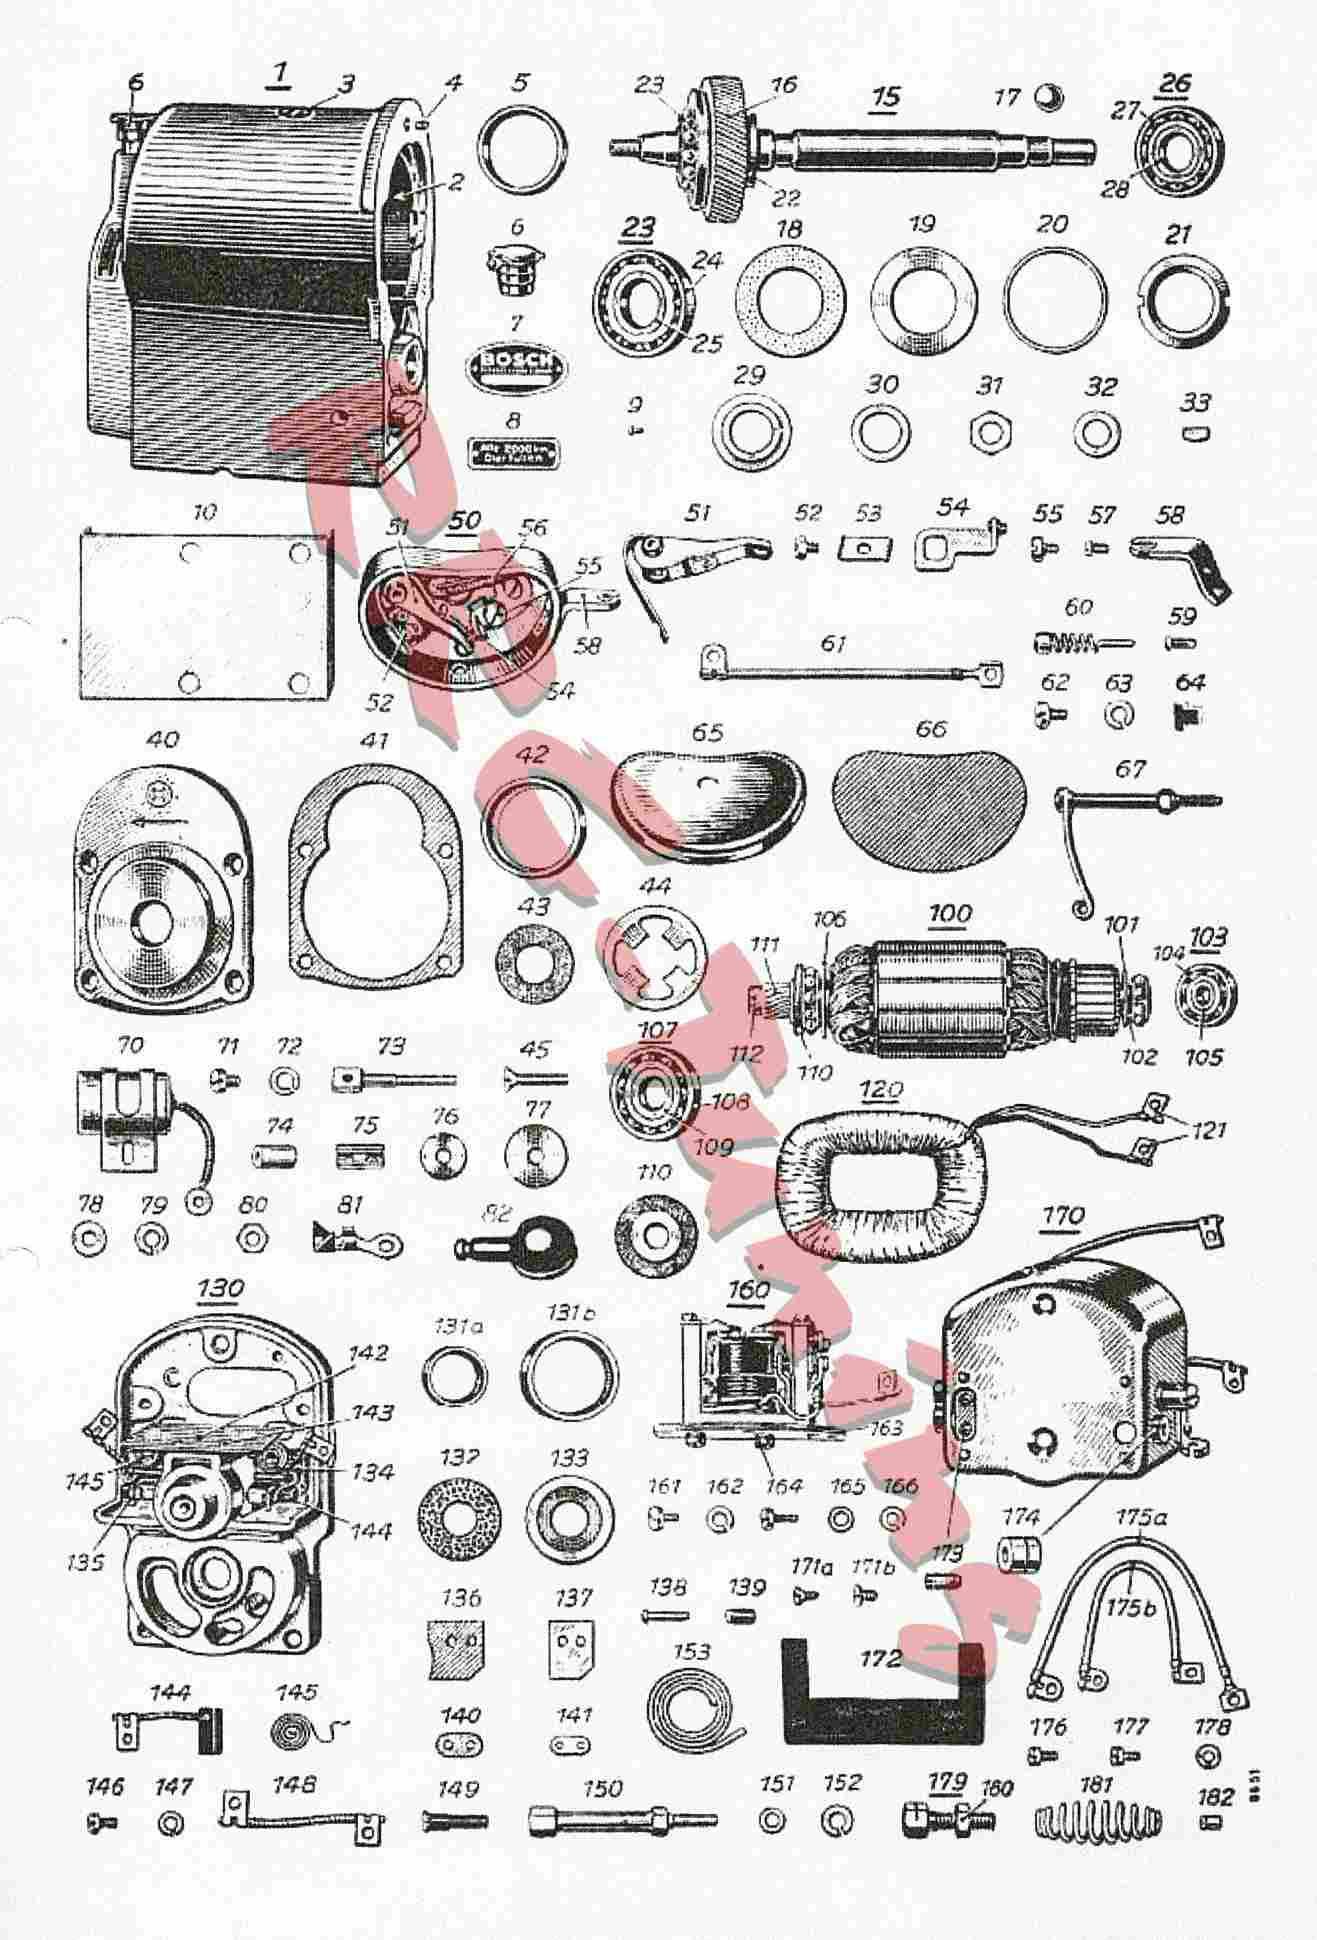 Bosch_BatteriezuenderB145_B245